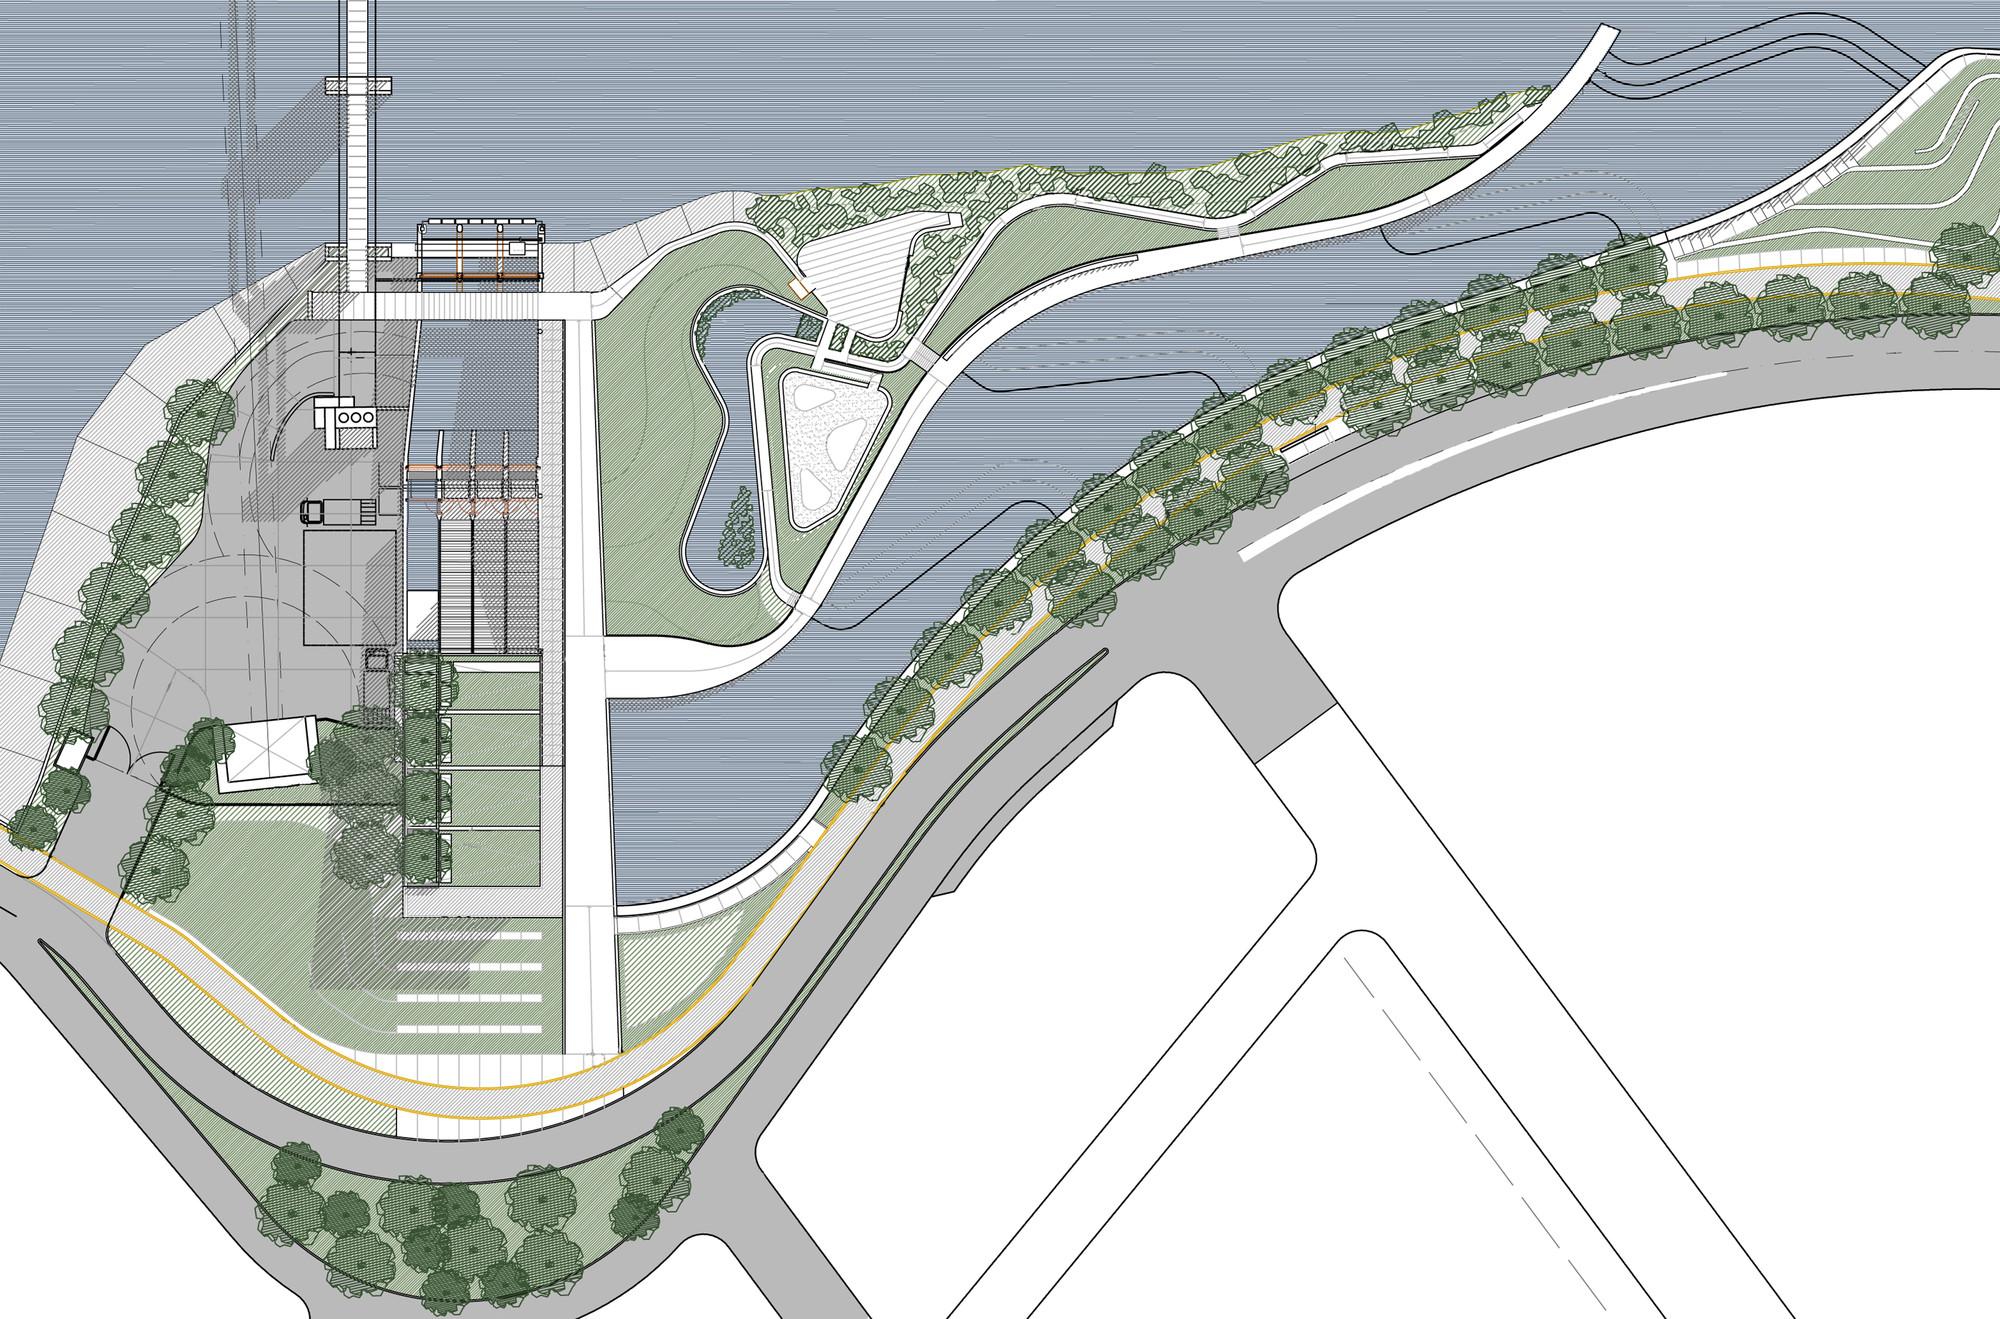 Galer a de primer premio de arquitectura y dise o urbano for Plantas ornamentales para parques